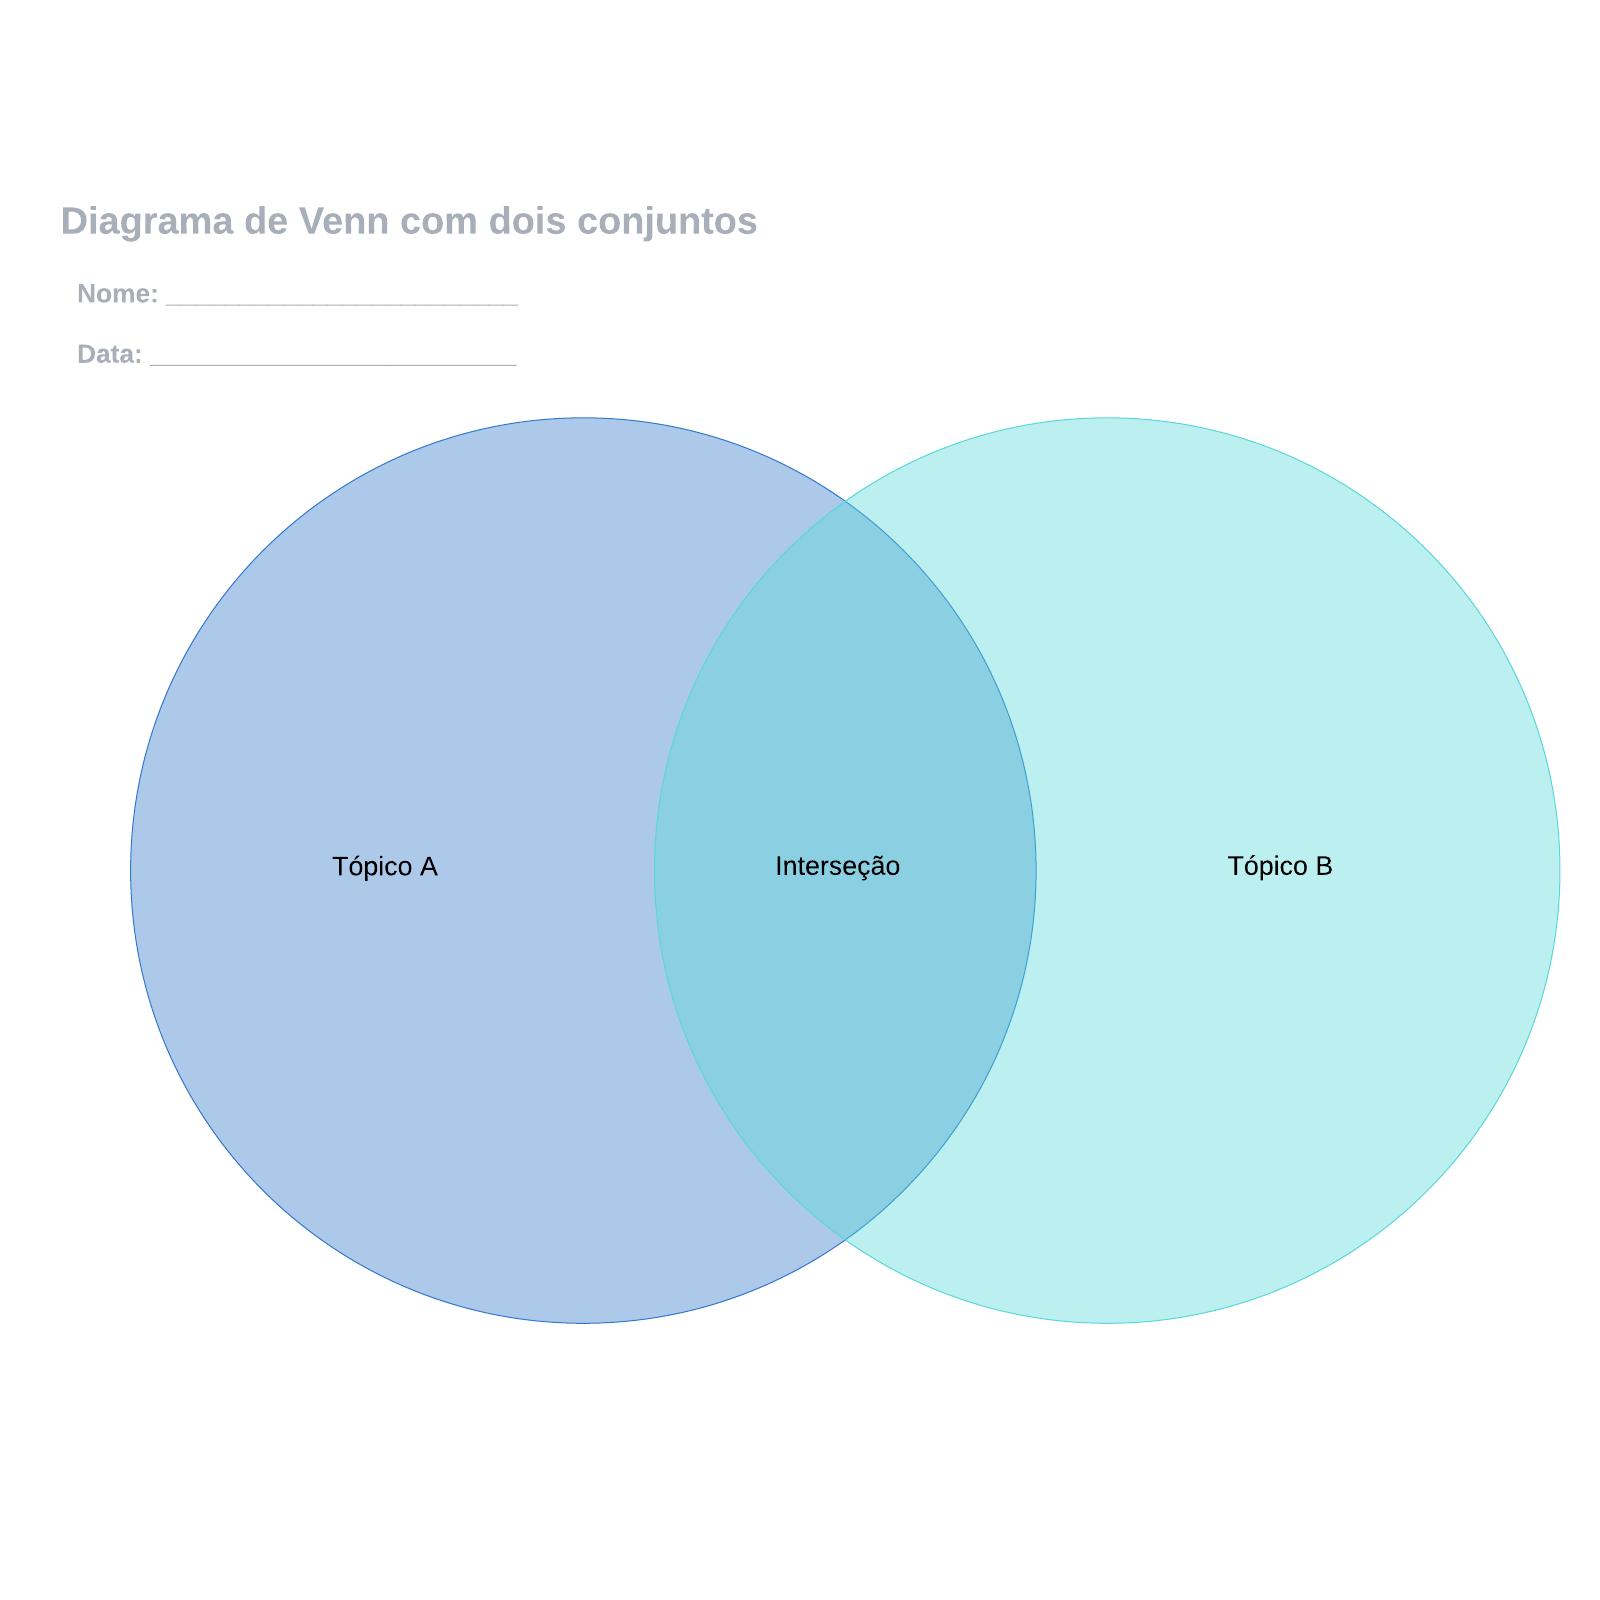 Diagrama de Venn com dois conjuntos